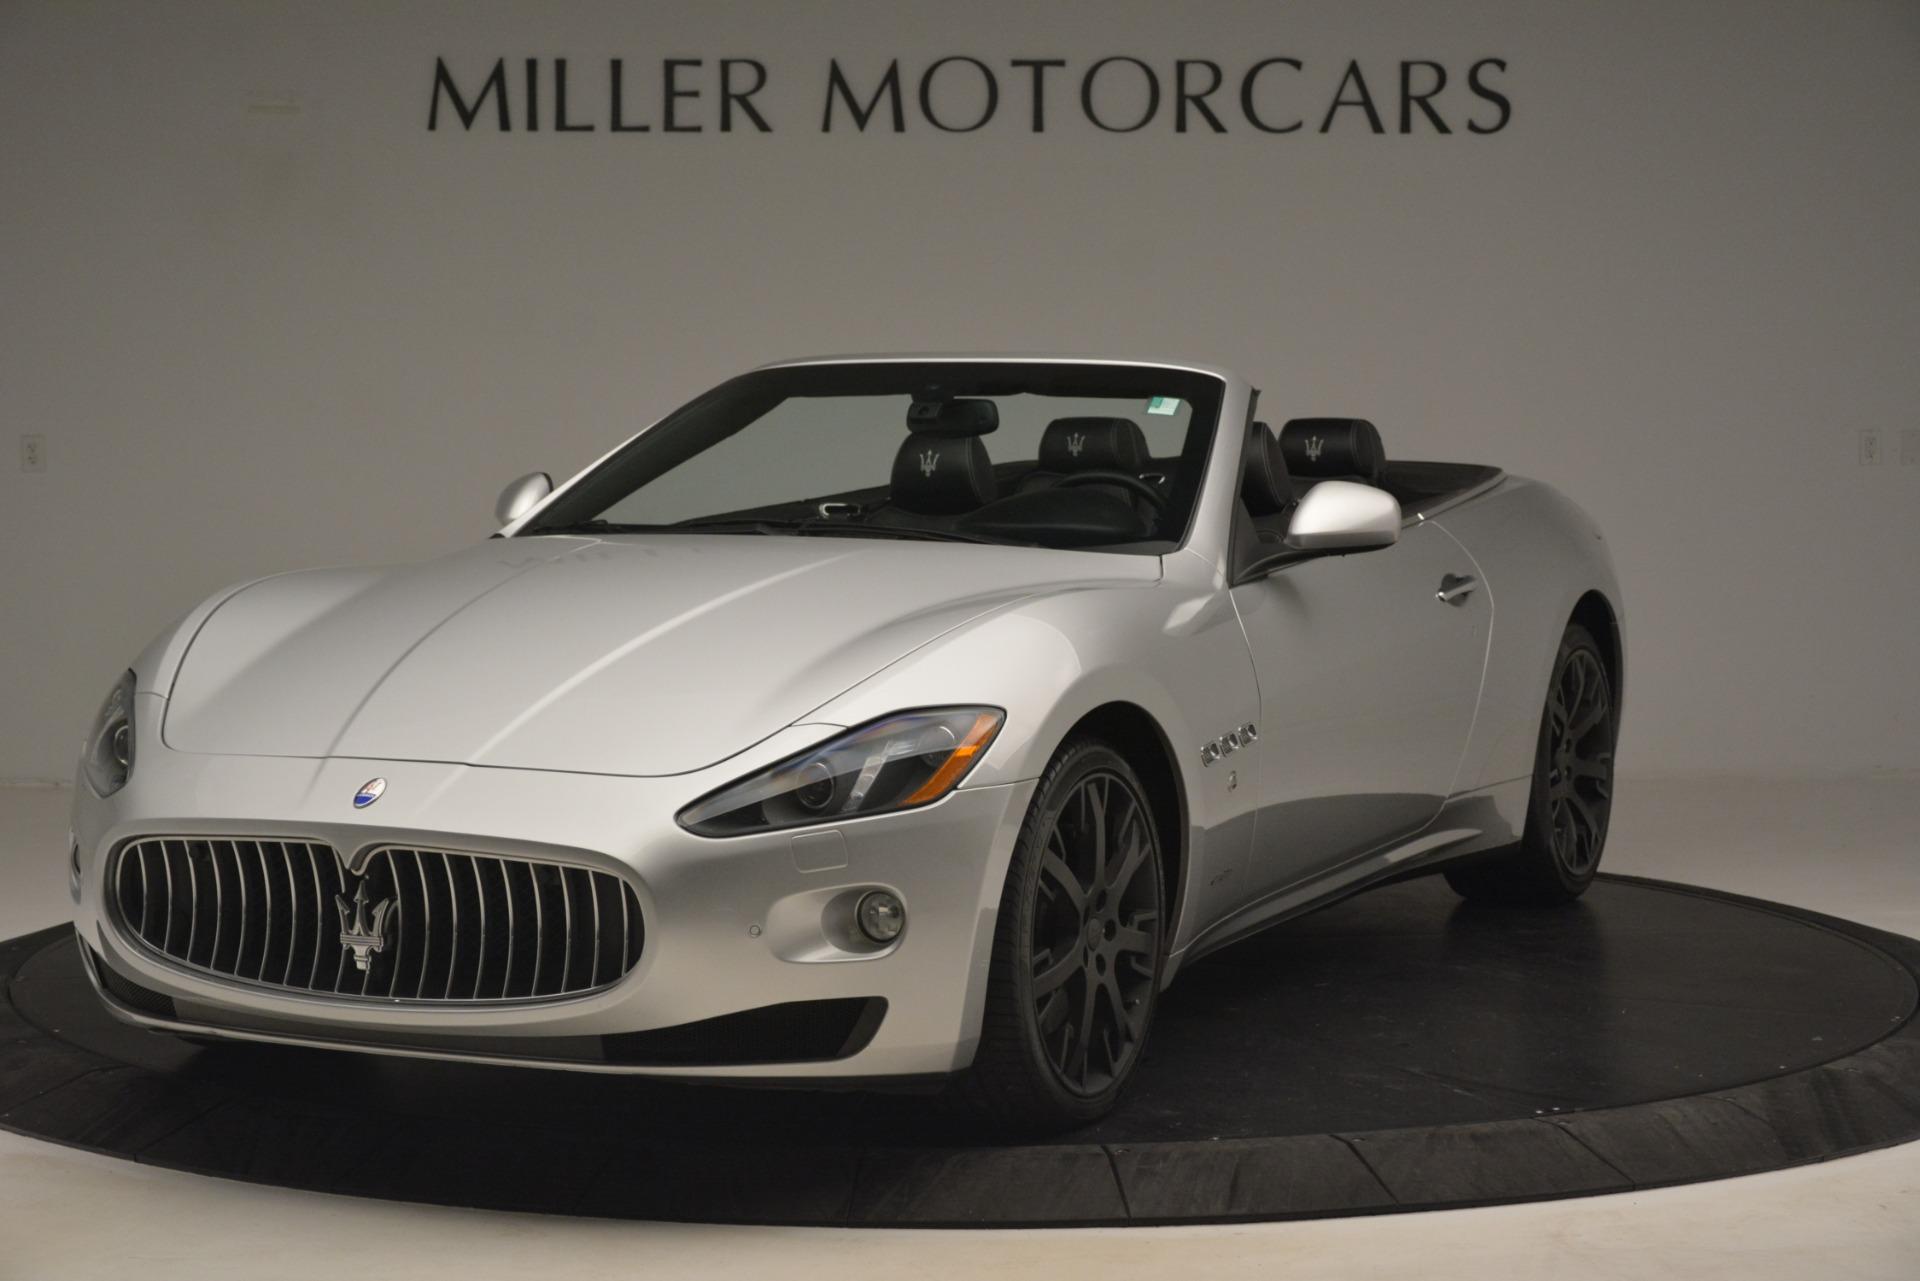 Used 2016 Maserati GranTurismo for sale Sold at Bugatti of Greenwich in Greenwich CT 06830 1